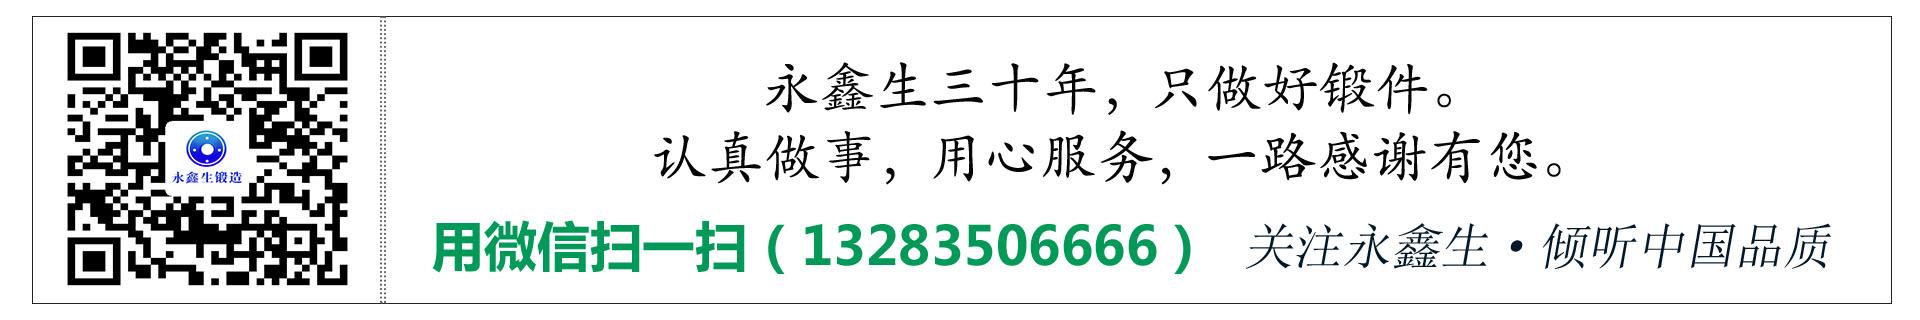 山西省永鑫盛锻造厂二维码